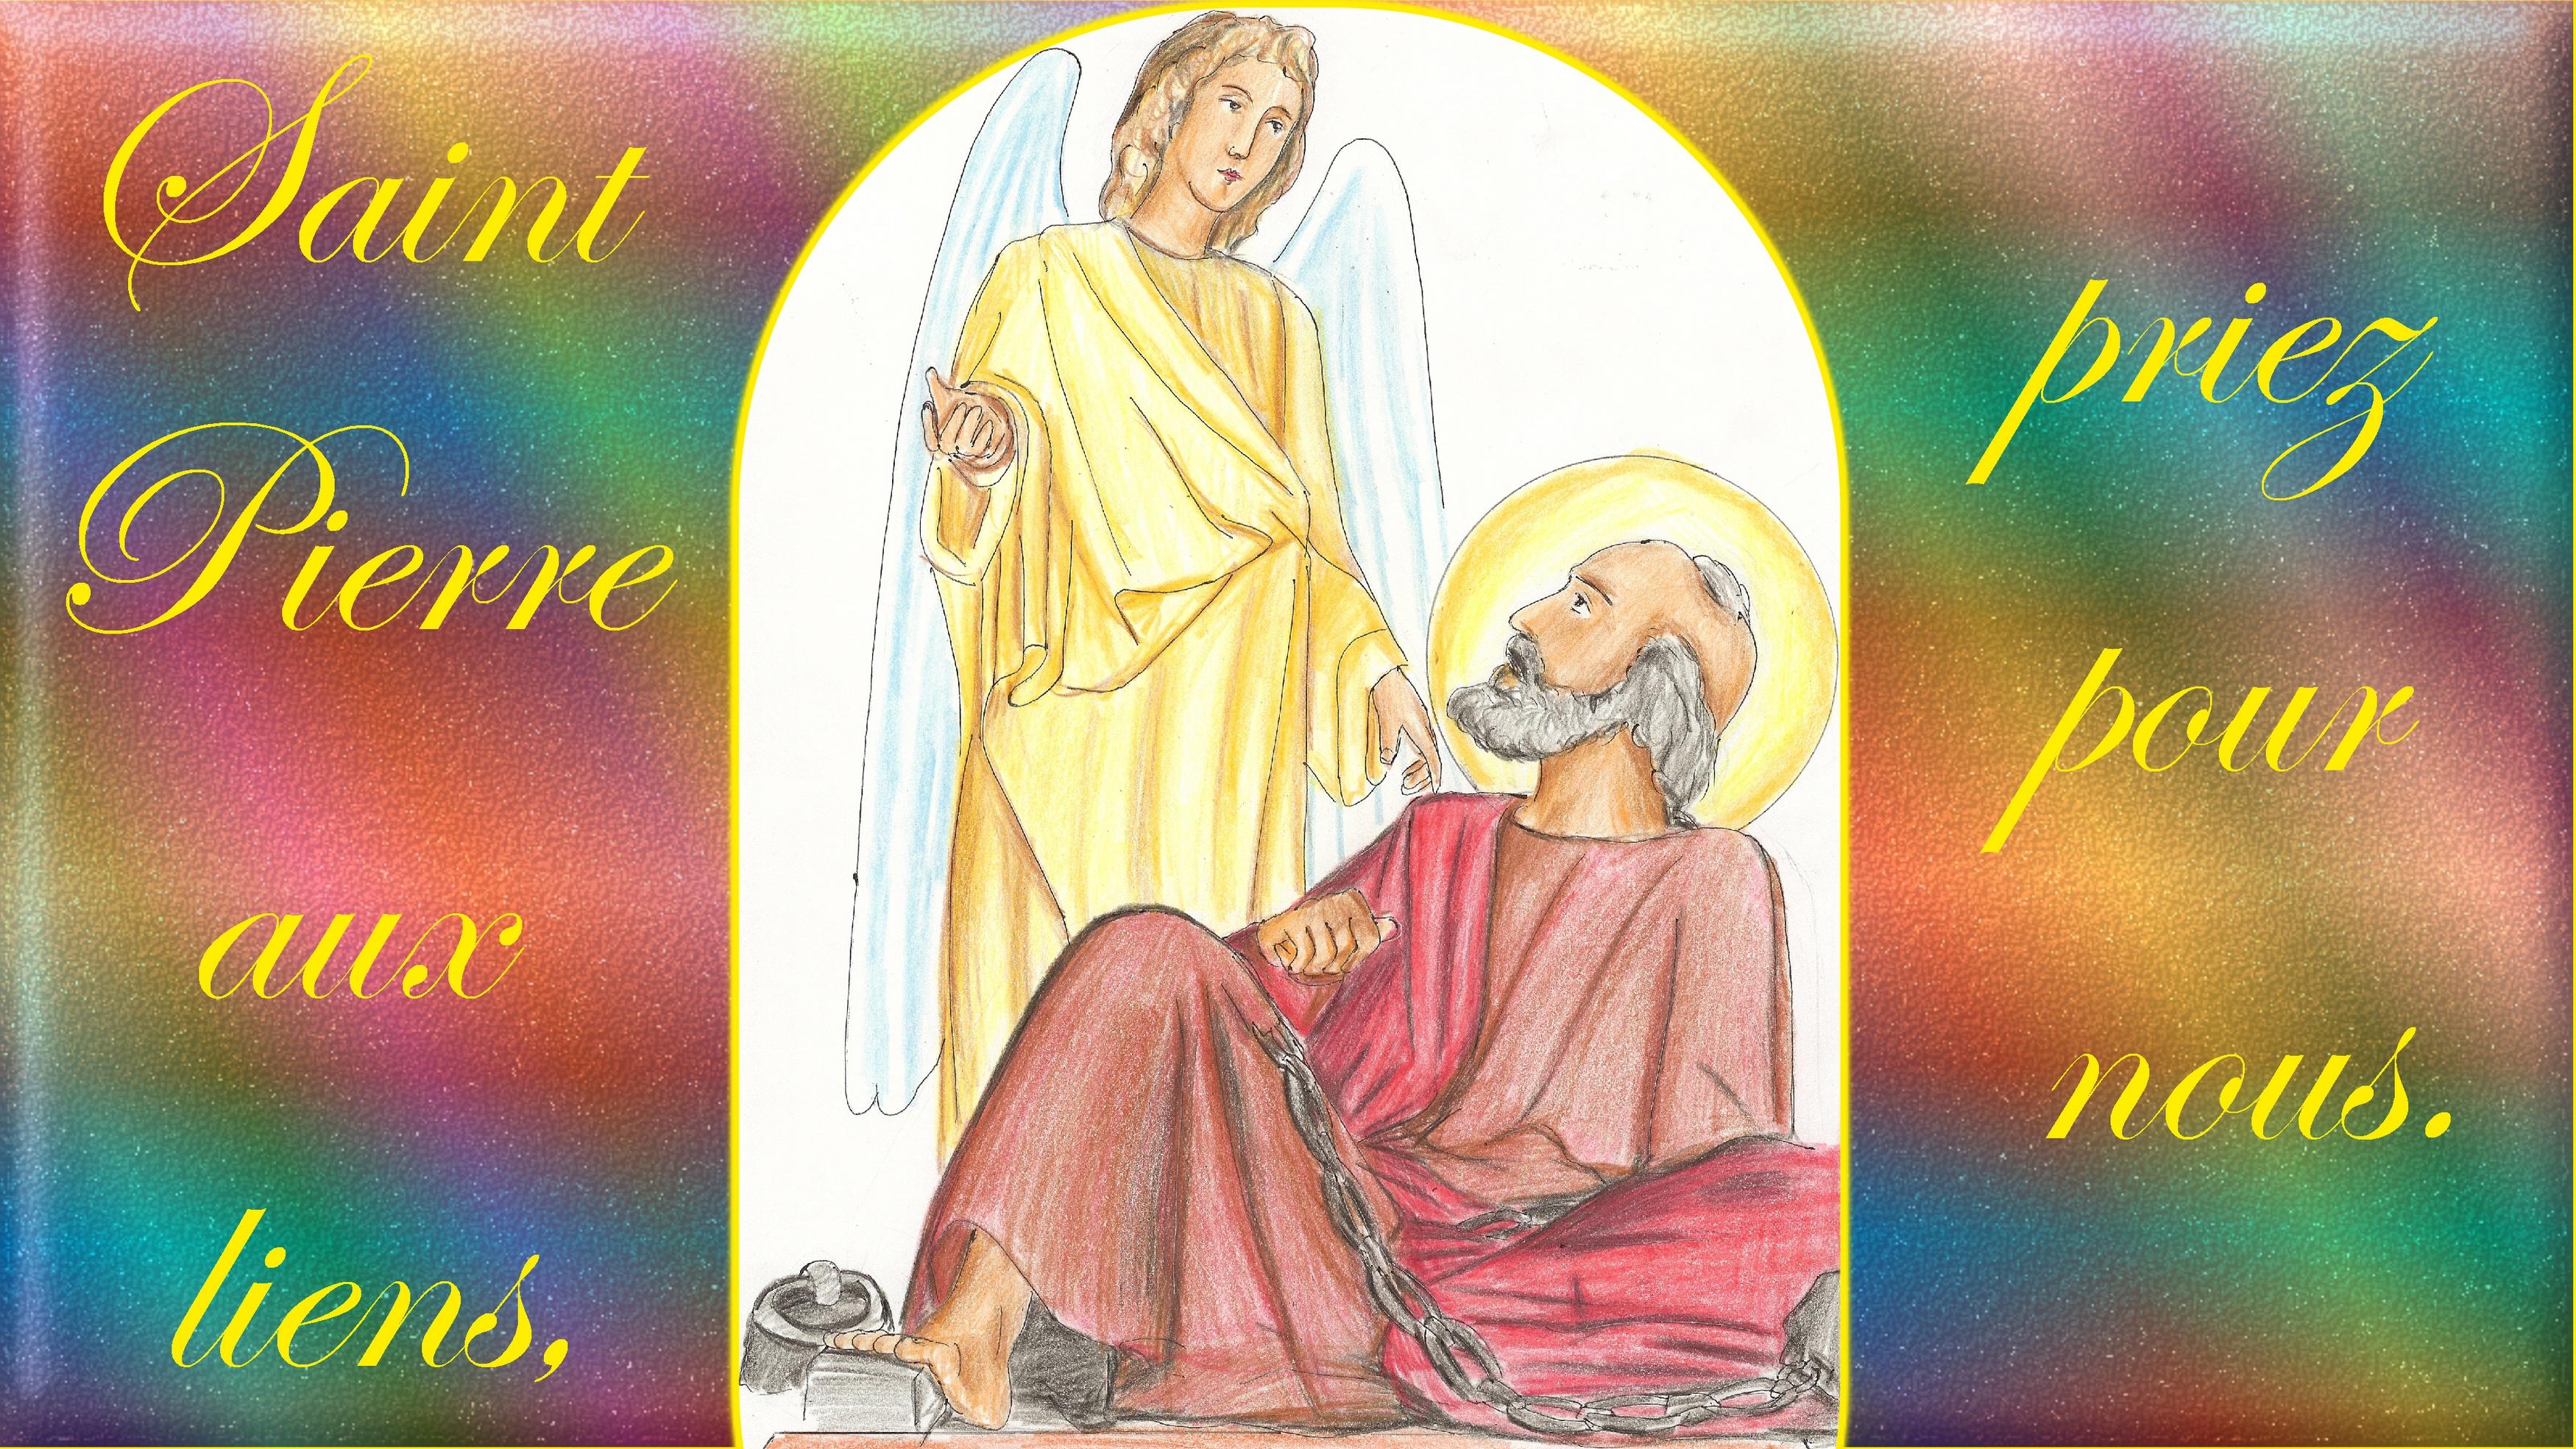 CALENDRIER CATHOLIQUE 2020 (Cantiques, Prières & Images) - Page 22 St-pierre-aux-liens-579969d